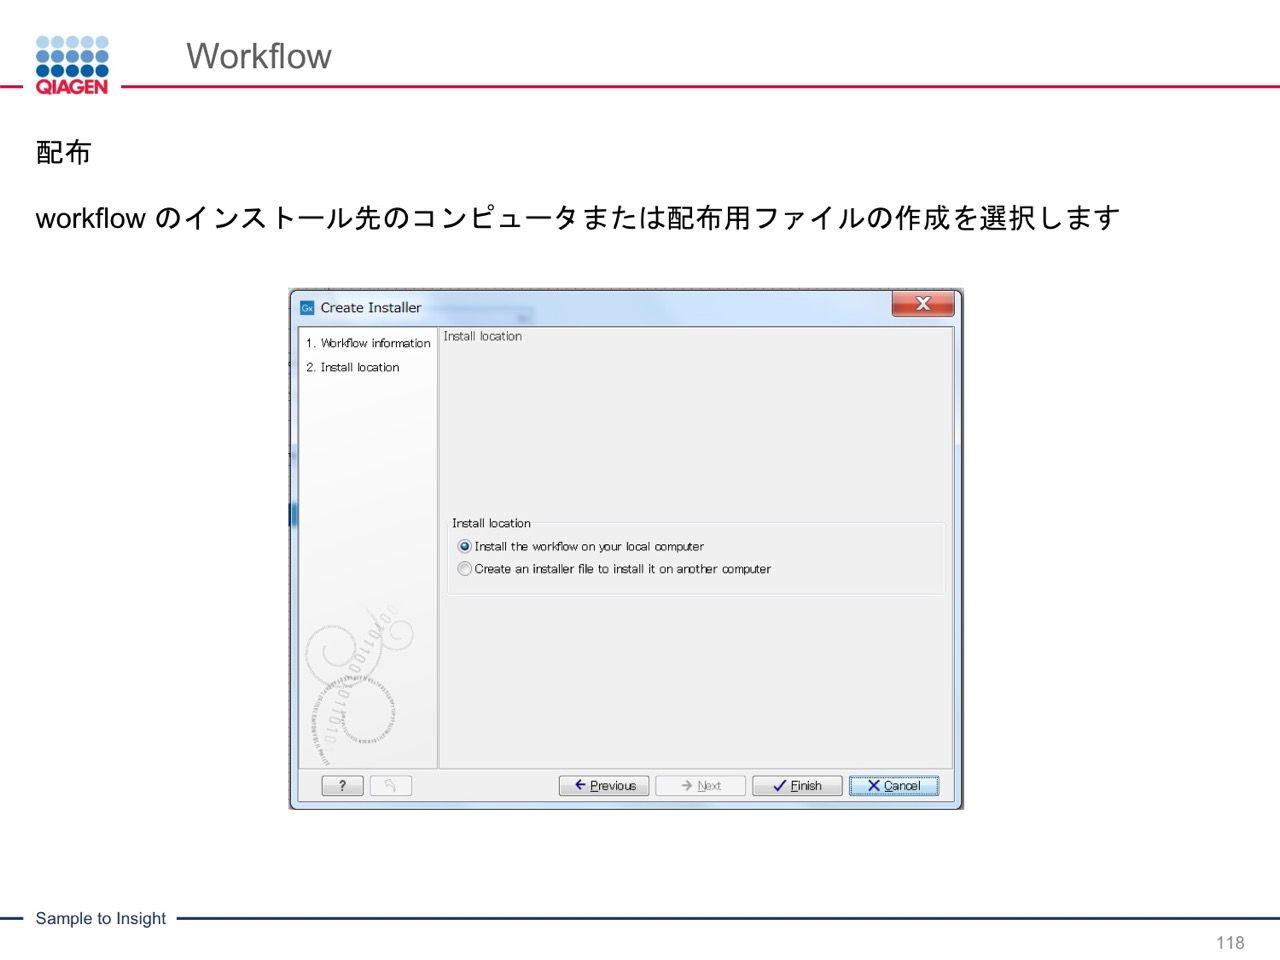 images/AJACSa2_miyamoto_118.jpg